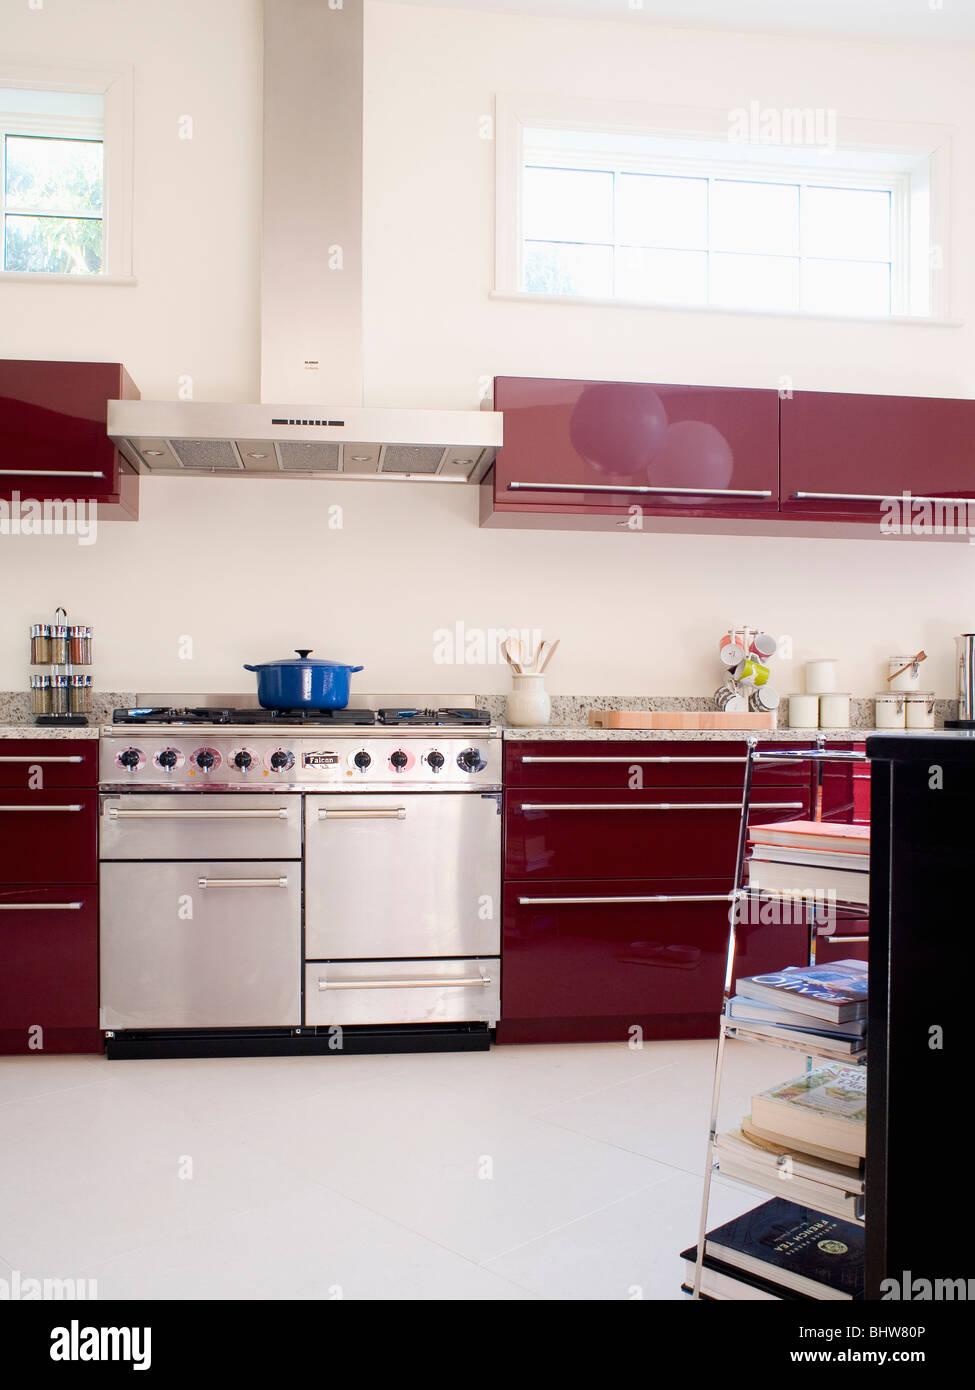 Edelstahl-Herd in moderne Küche mit weißer Bodenbelag und dunkle ...